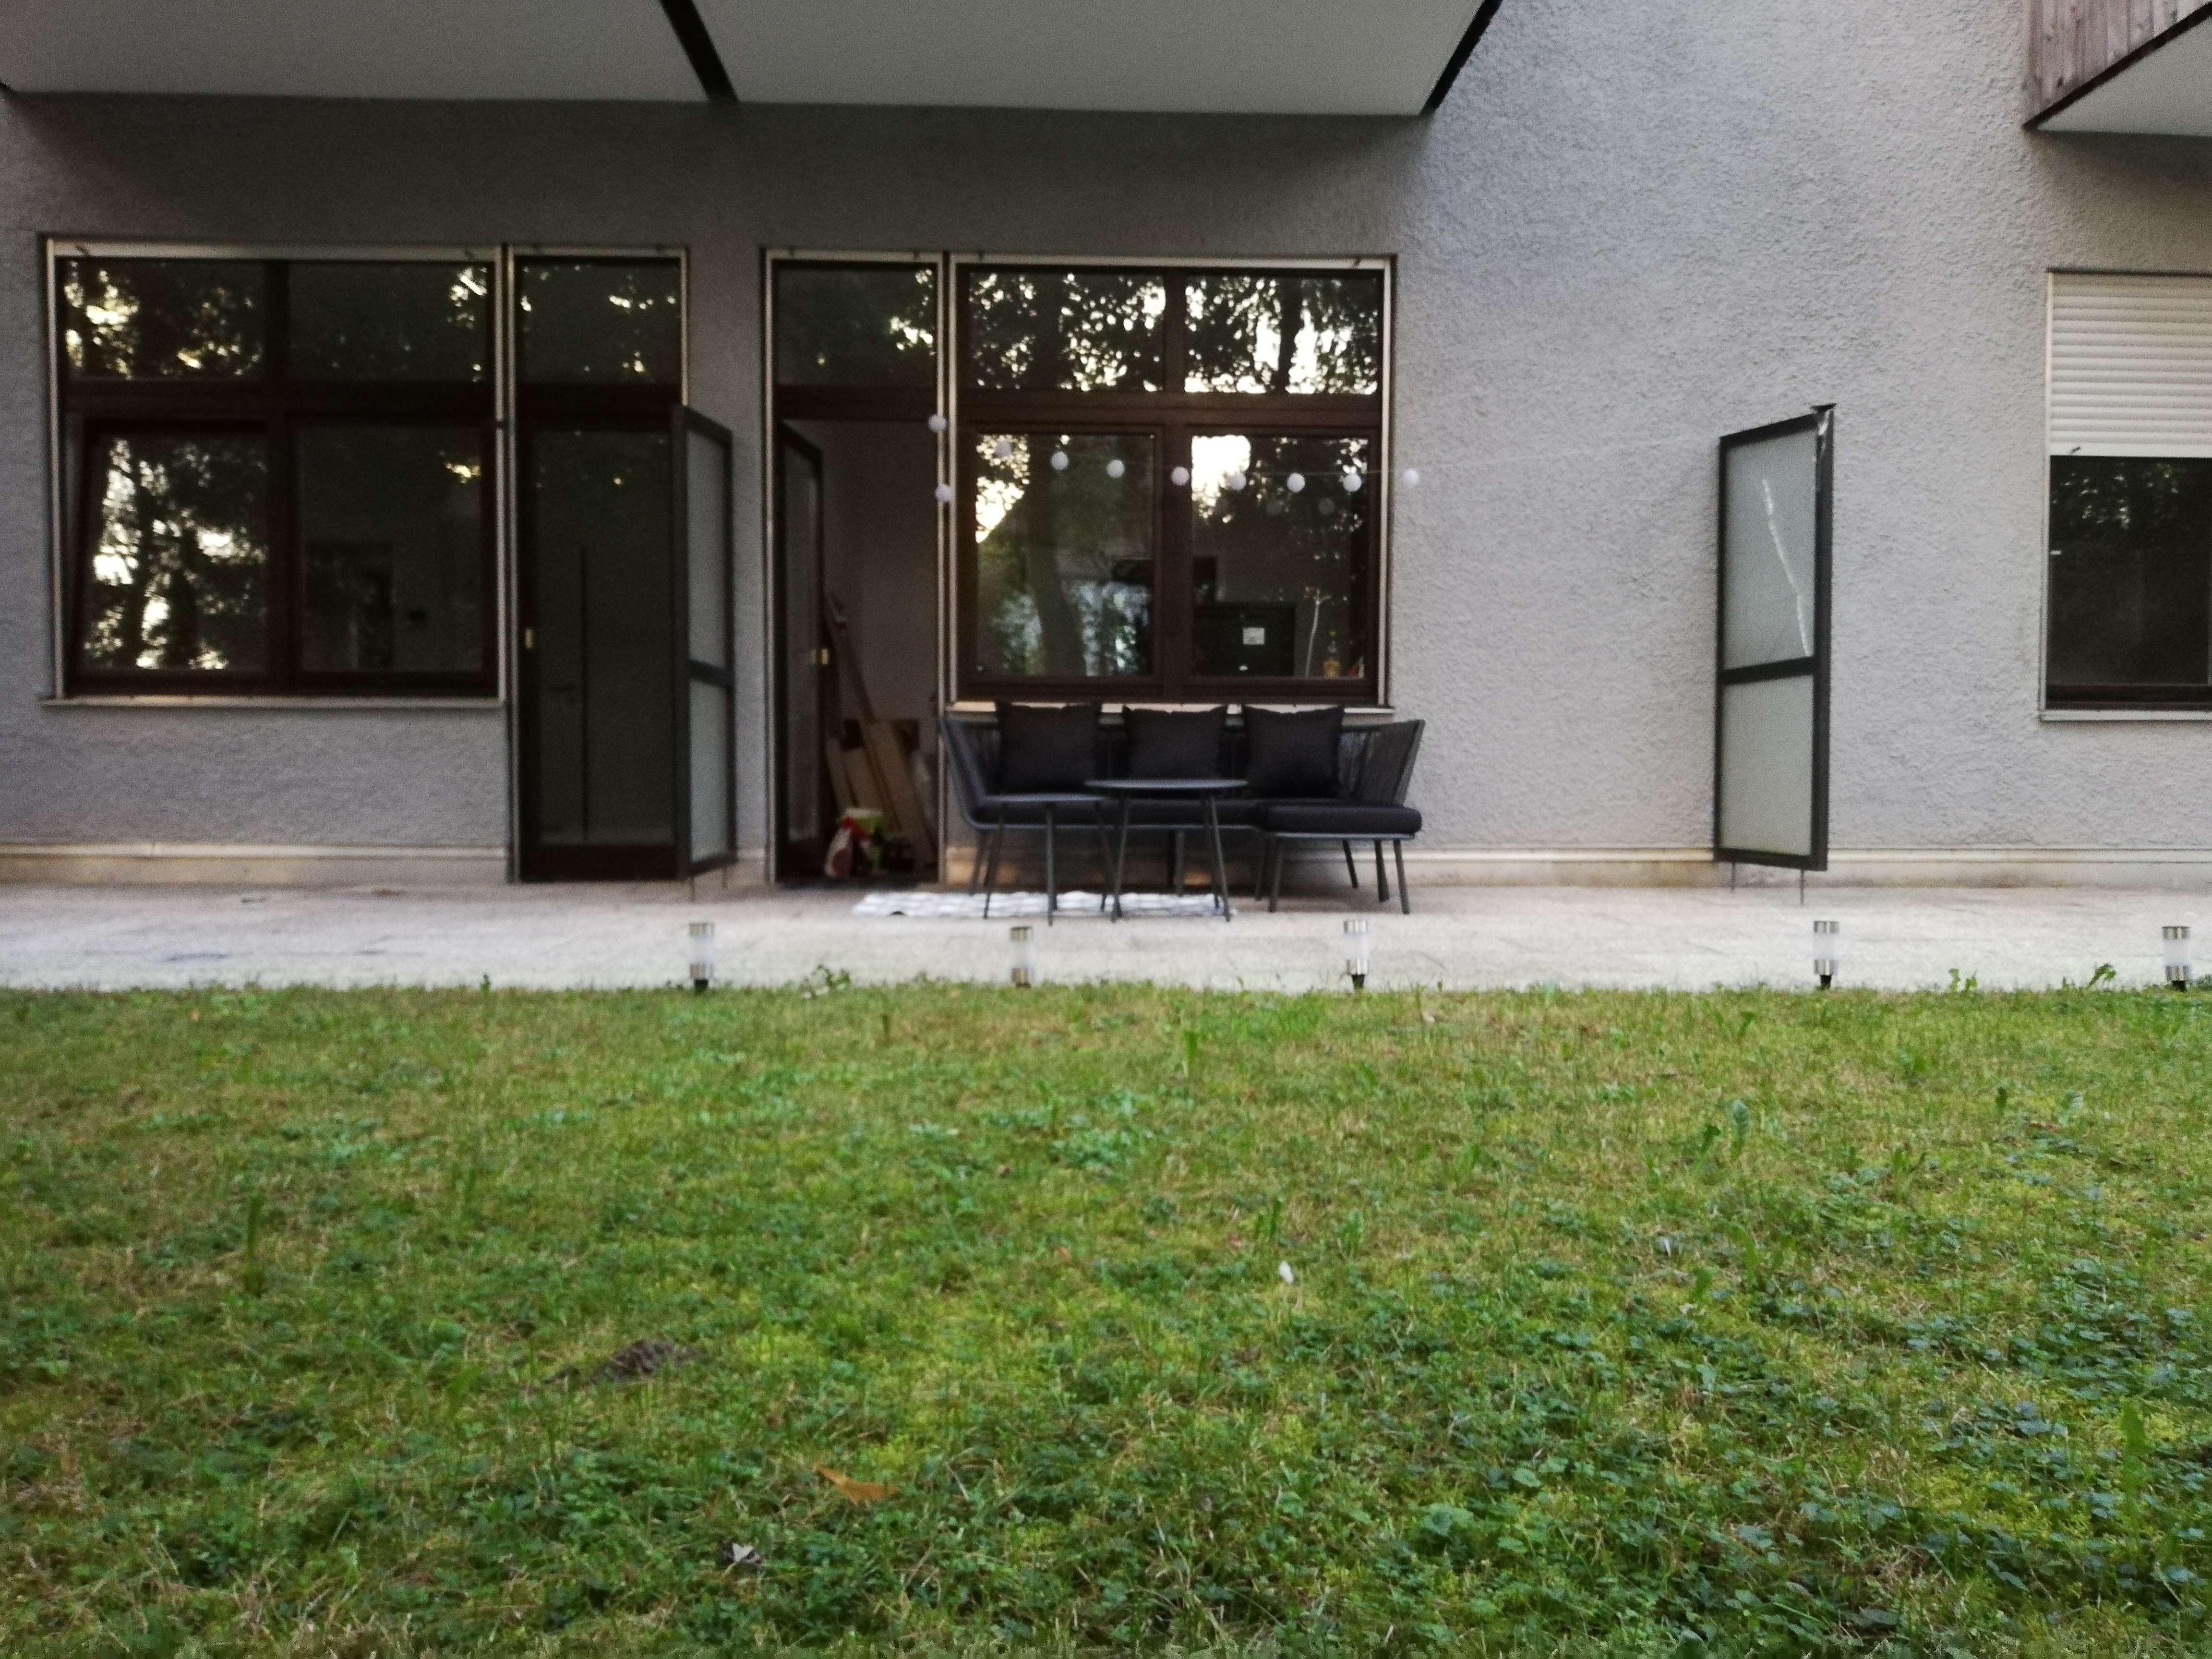 Appartement sucht NachmieterIN: 30qm Terrasse, 100qm Garten,all incl: WLAN, Strom, TG, Heizung usw in Sendling-Westpark (München)